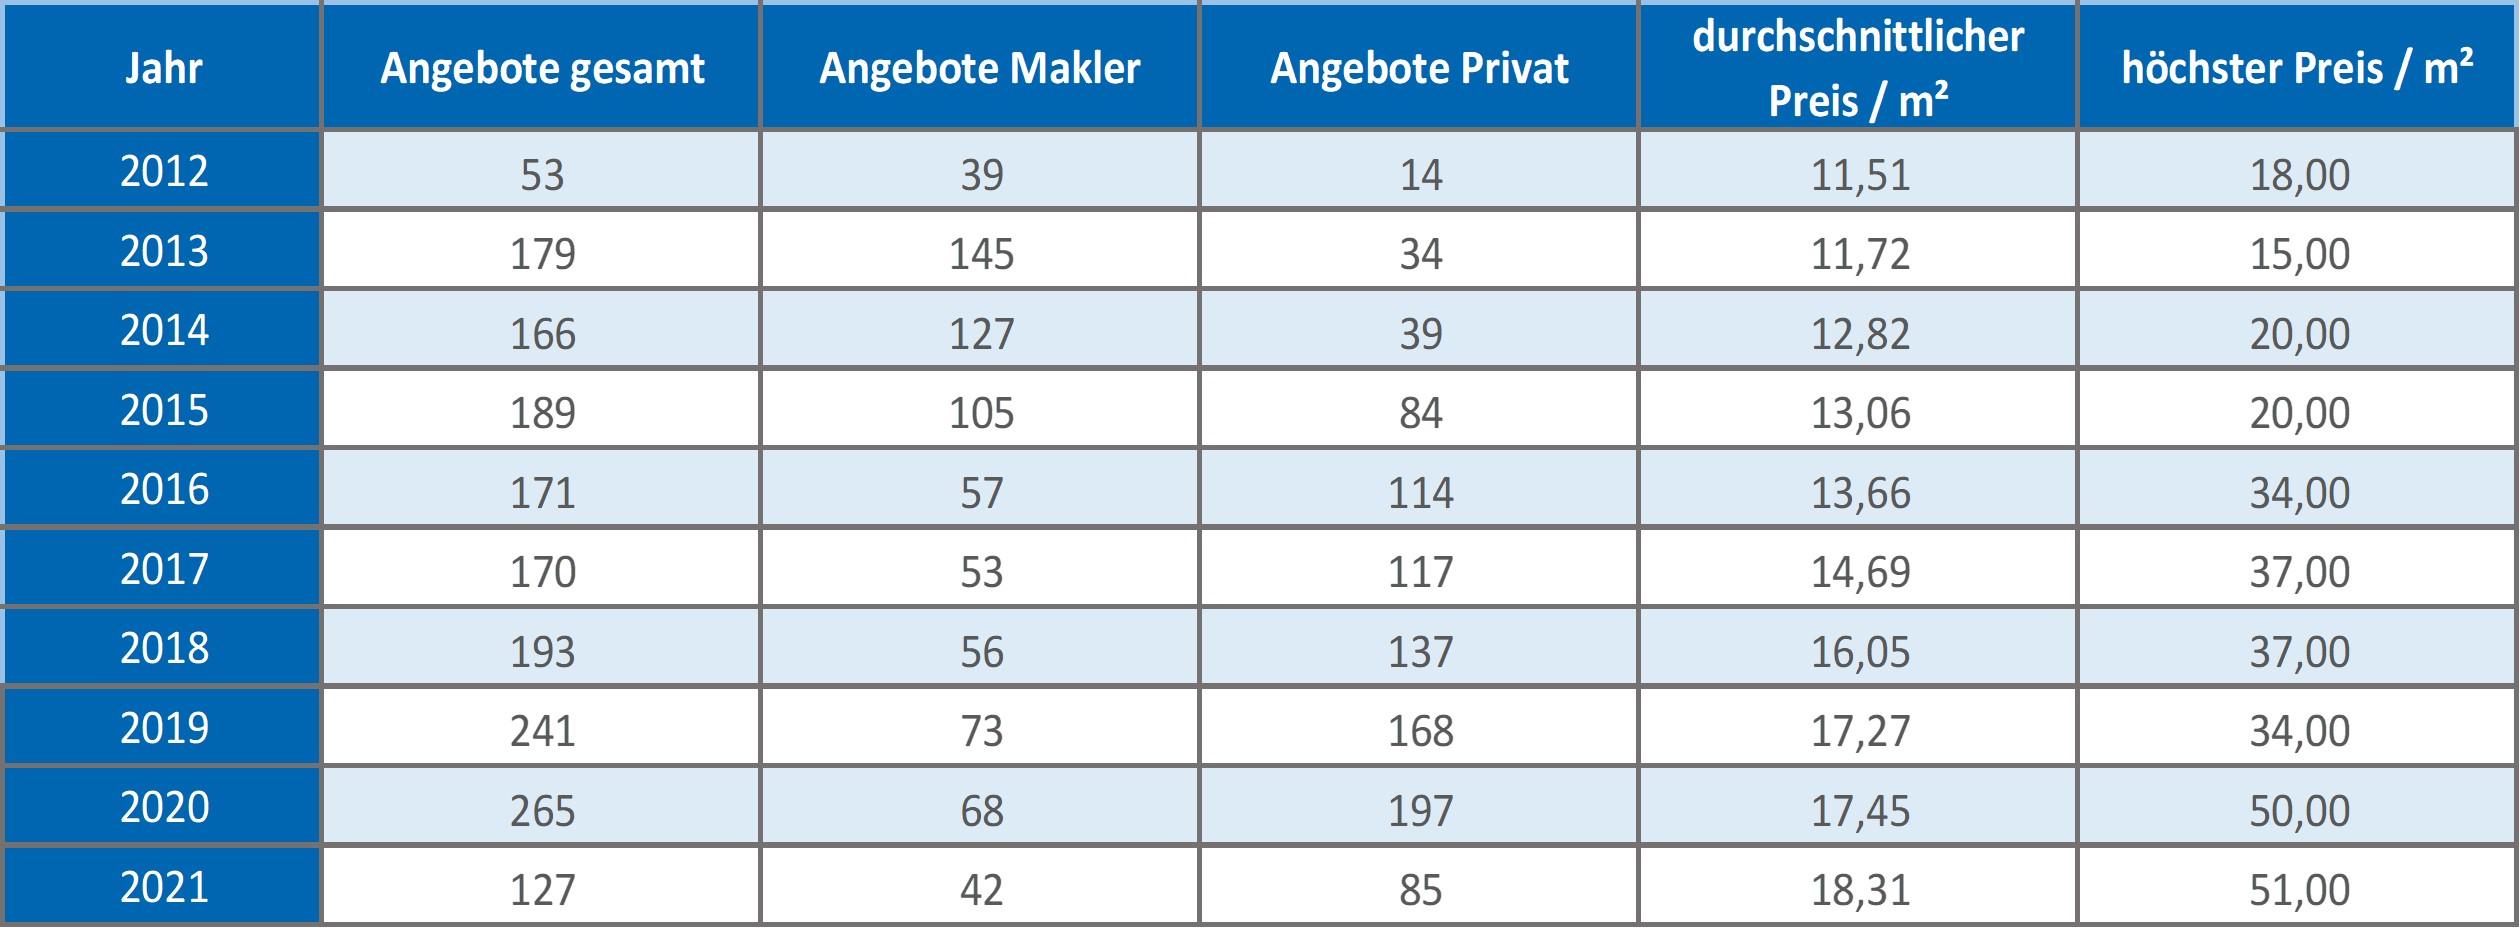 Neubiberg-Wohnung-Haus-Mieten-Vermieten-Makler 2019 2020 2021